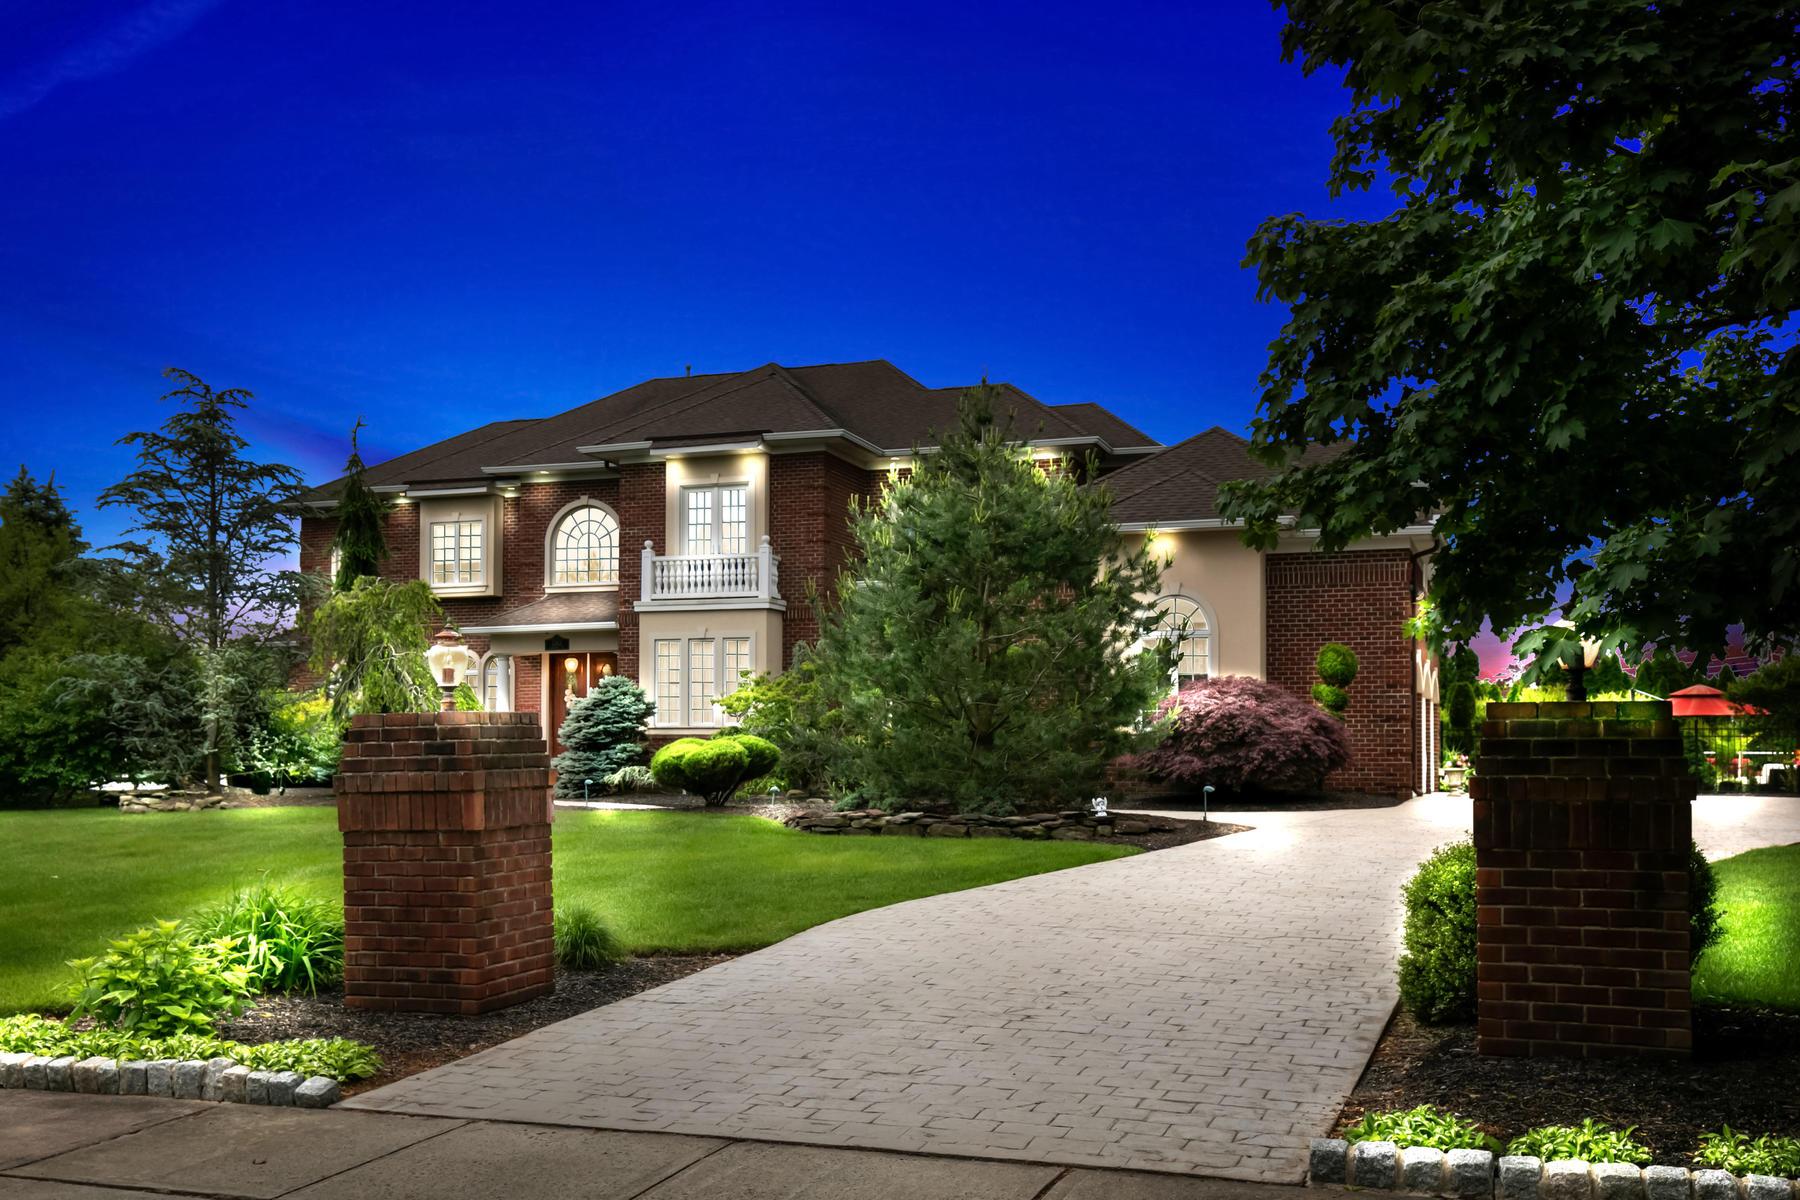 Частный односемейный дом для того Продажа на 1383 Cabernet Court Toms River, Нью-Джерси 08753 Соединенные Штаты